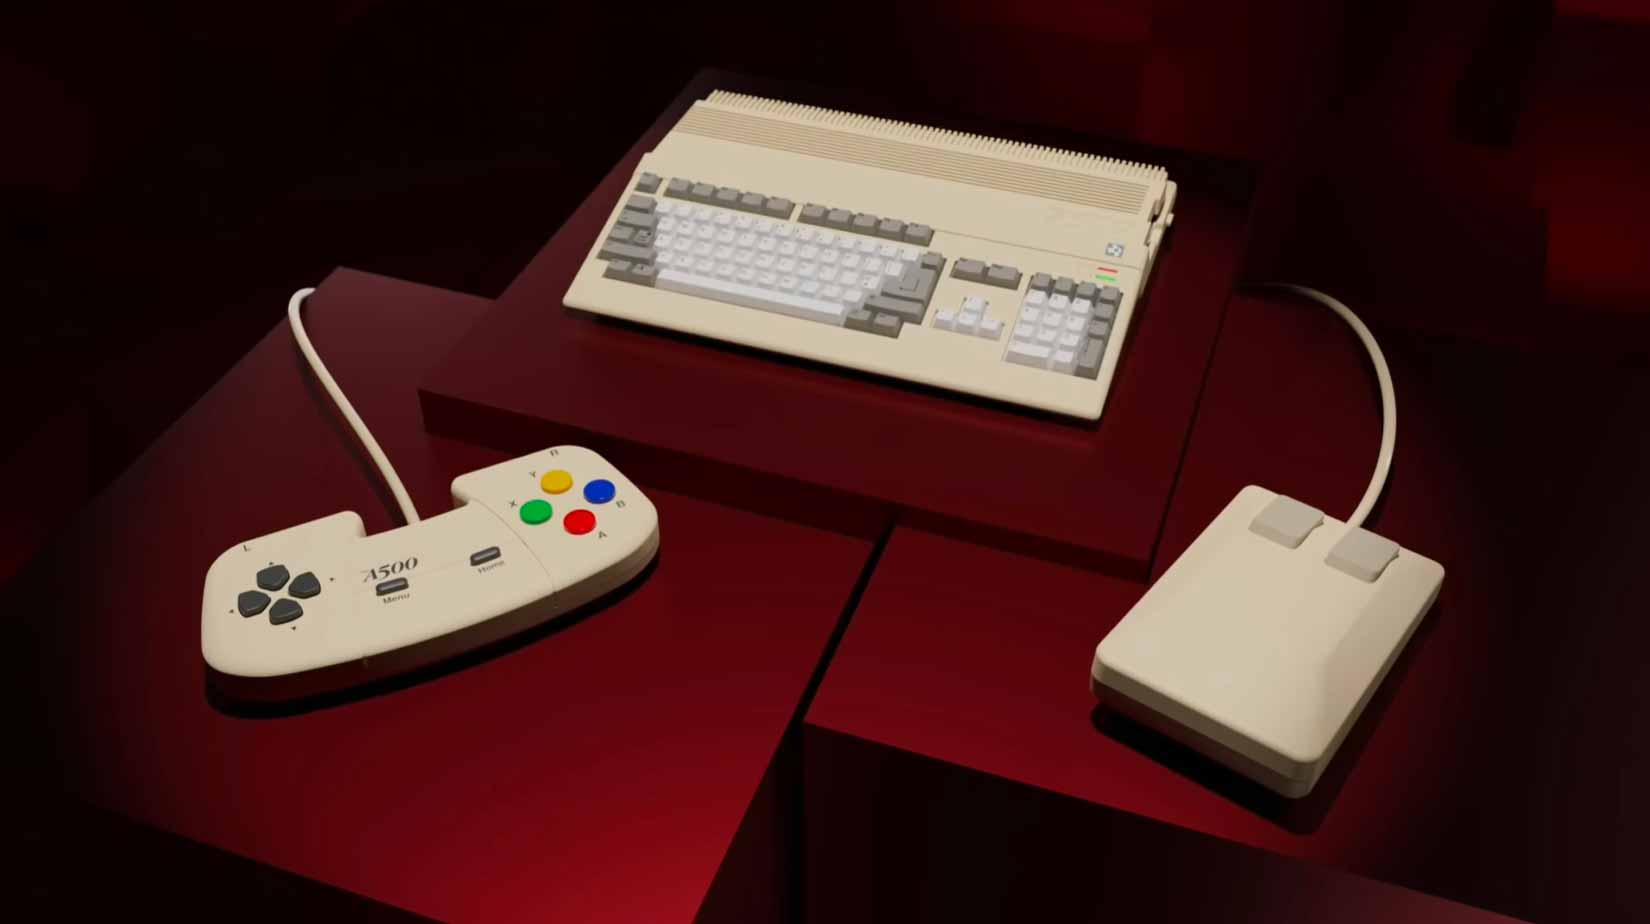 L'Amiga 500 remis au goût du jour